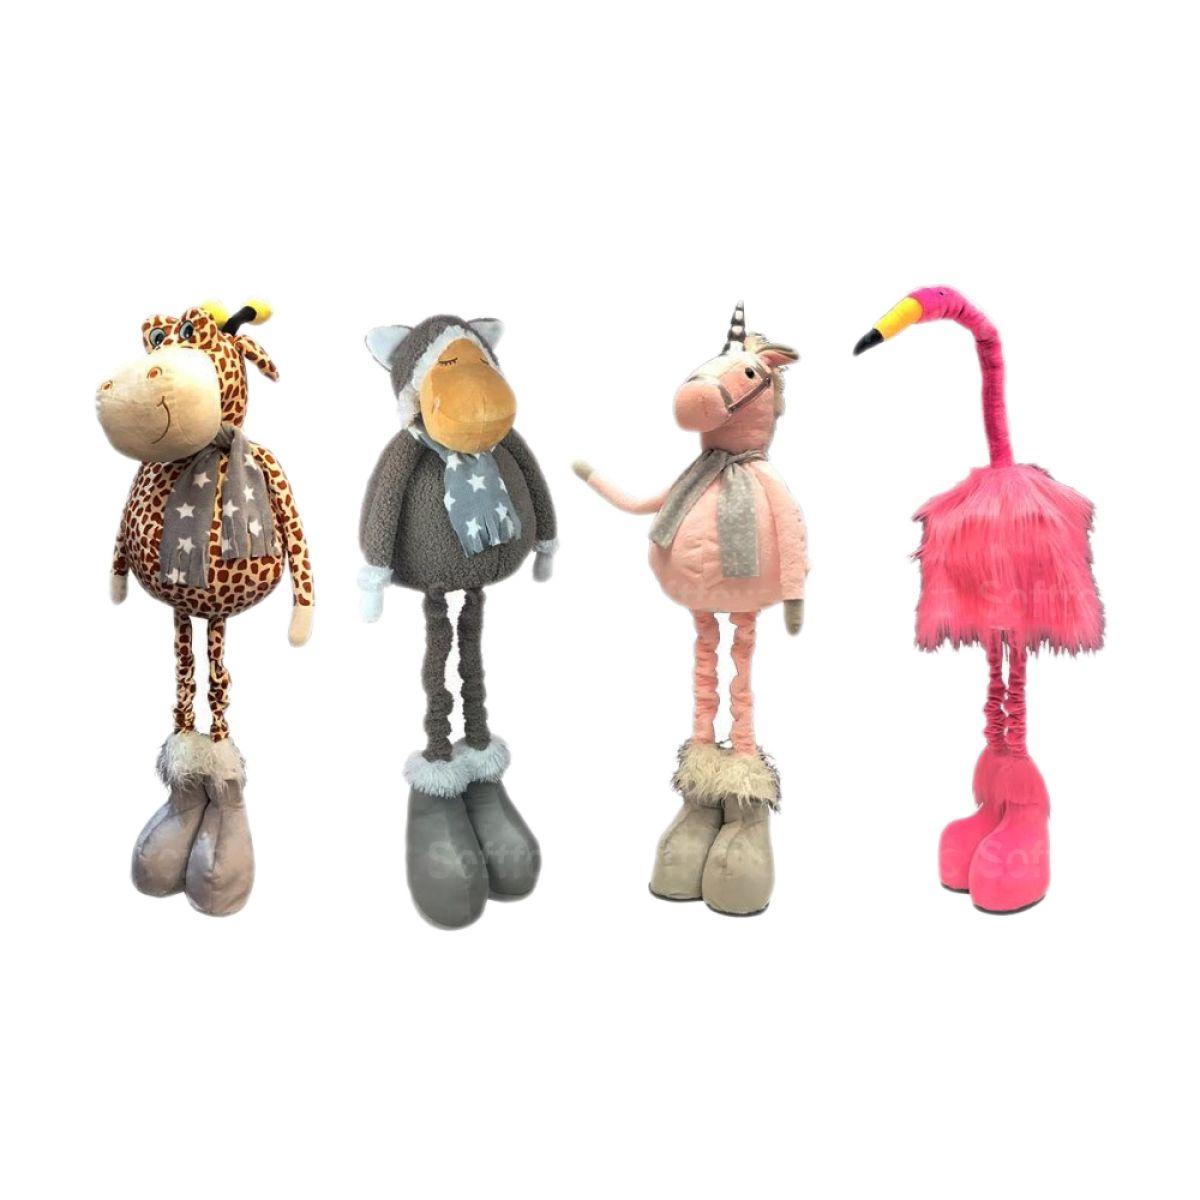 Мягкая растущая игрушка в ассортименте (Овечечка, Фламинго, Жирафчик и Единорог)